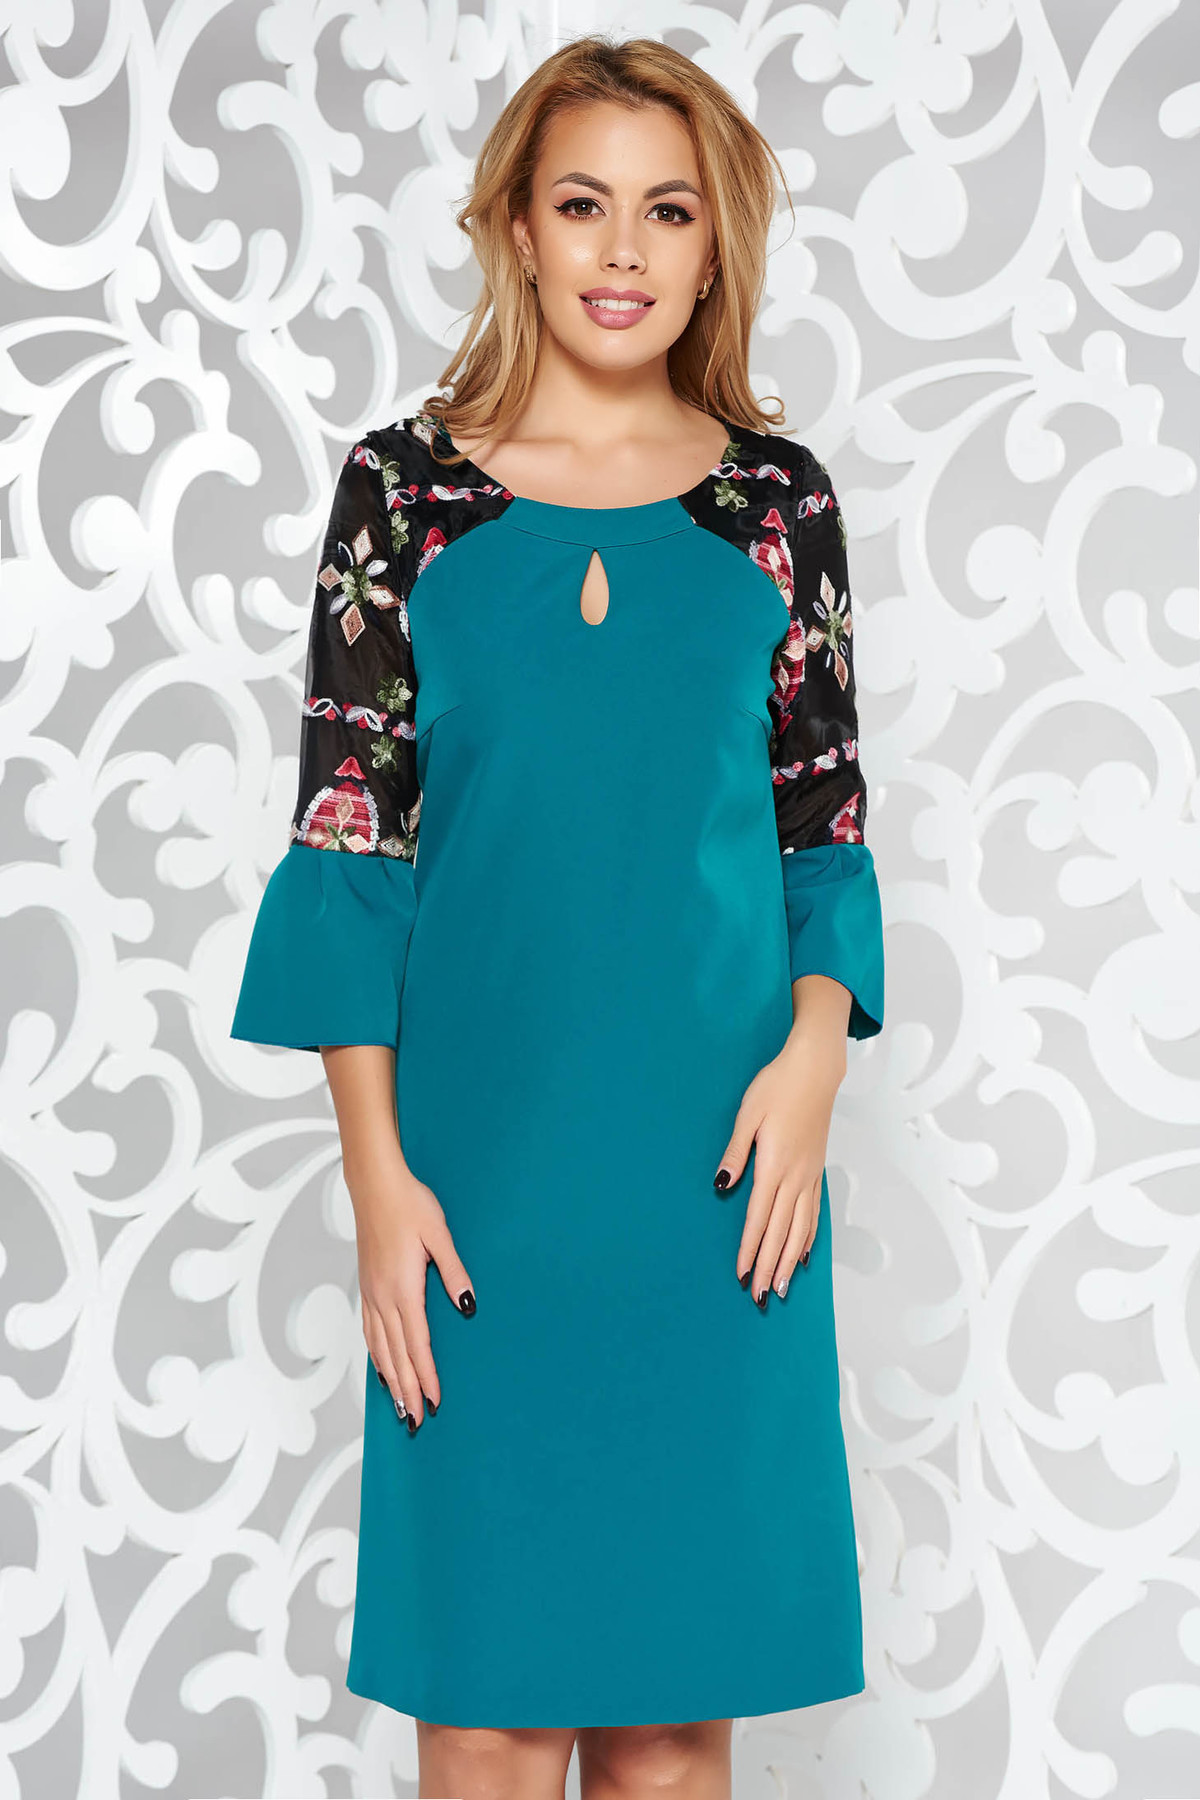 Rochie verde eleganta din stofa subtire usor elastica cu insertii de broderie cu maneci clopot